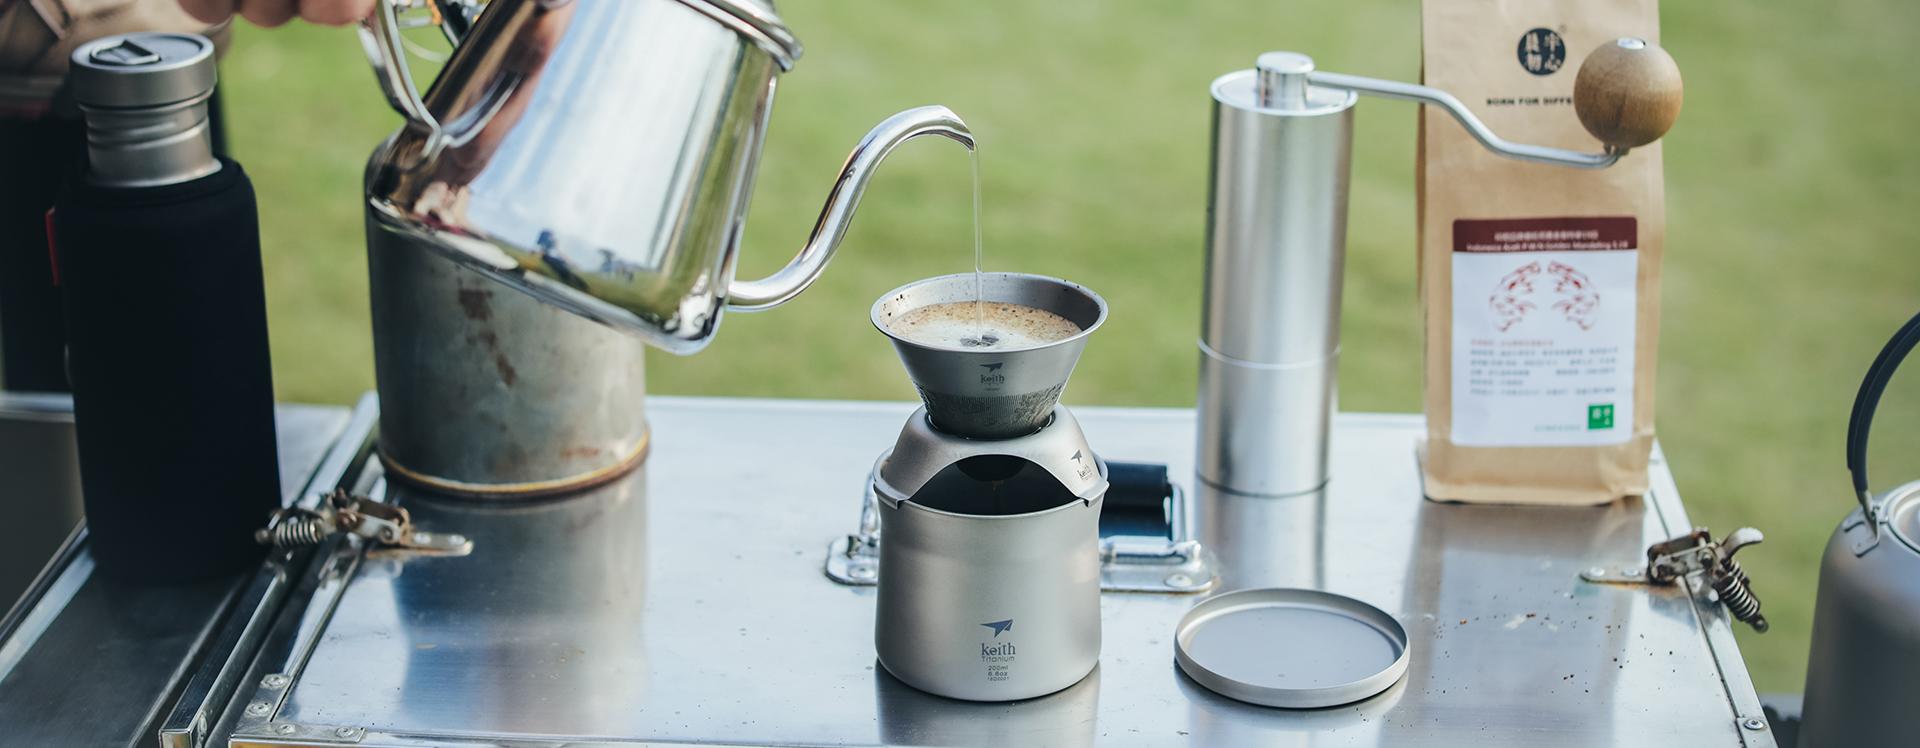 Faire du café en cyclo-camping 1-1P11QI10ET